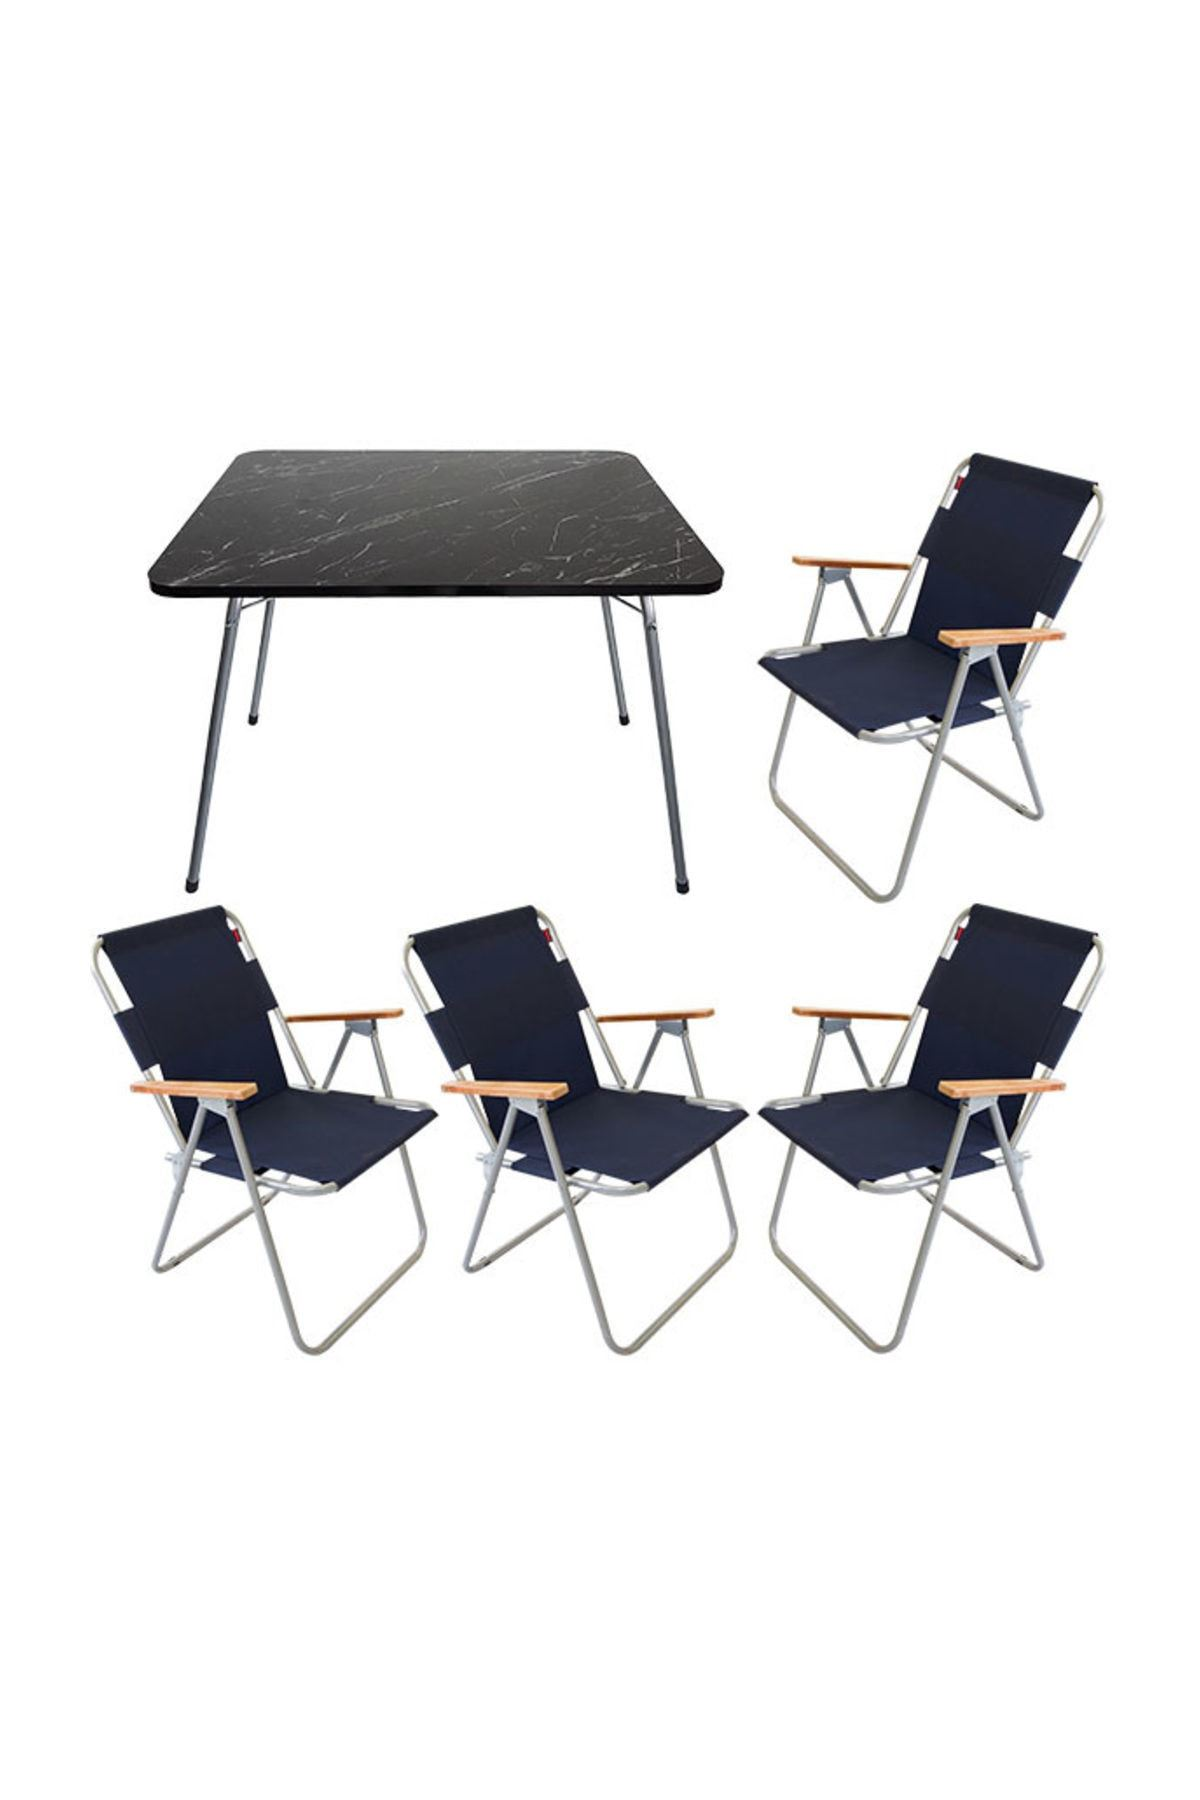 Bofigo 60x80 Granit Katlanır Masa + 4 Adet Katlanır Sandalye Kamp Seti Bahçe Balkon Takımı Lacivert